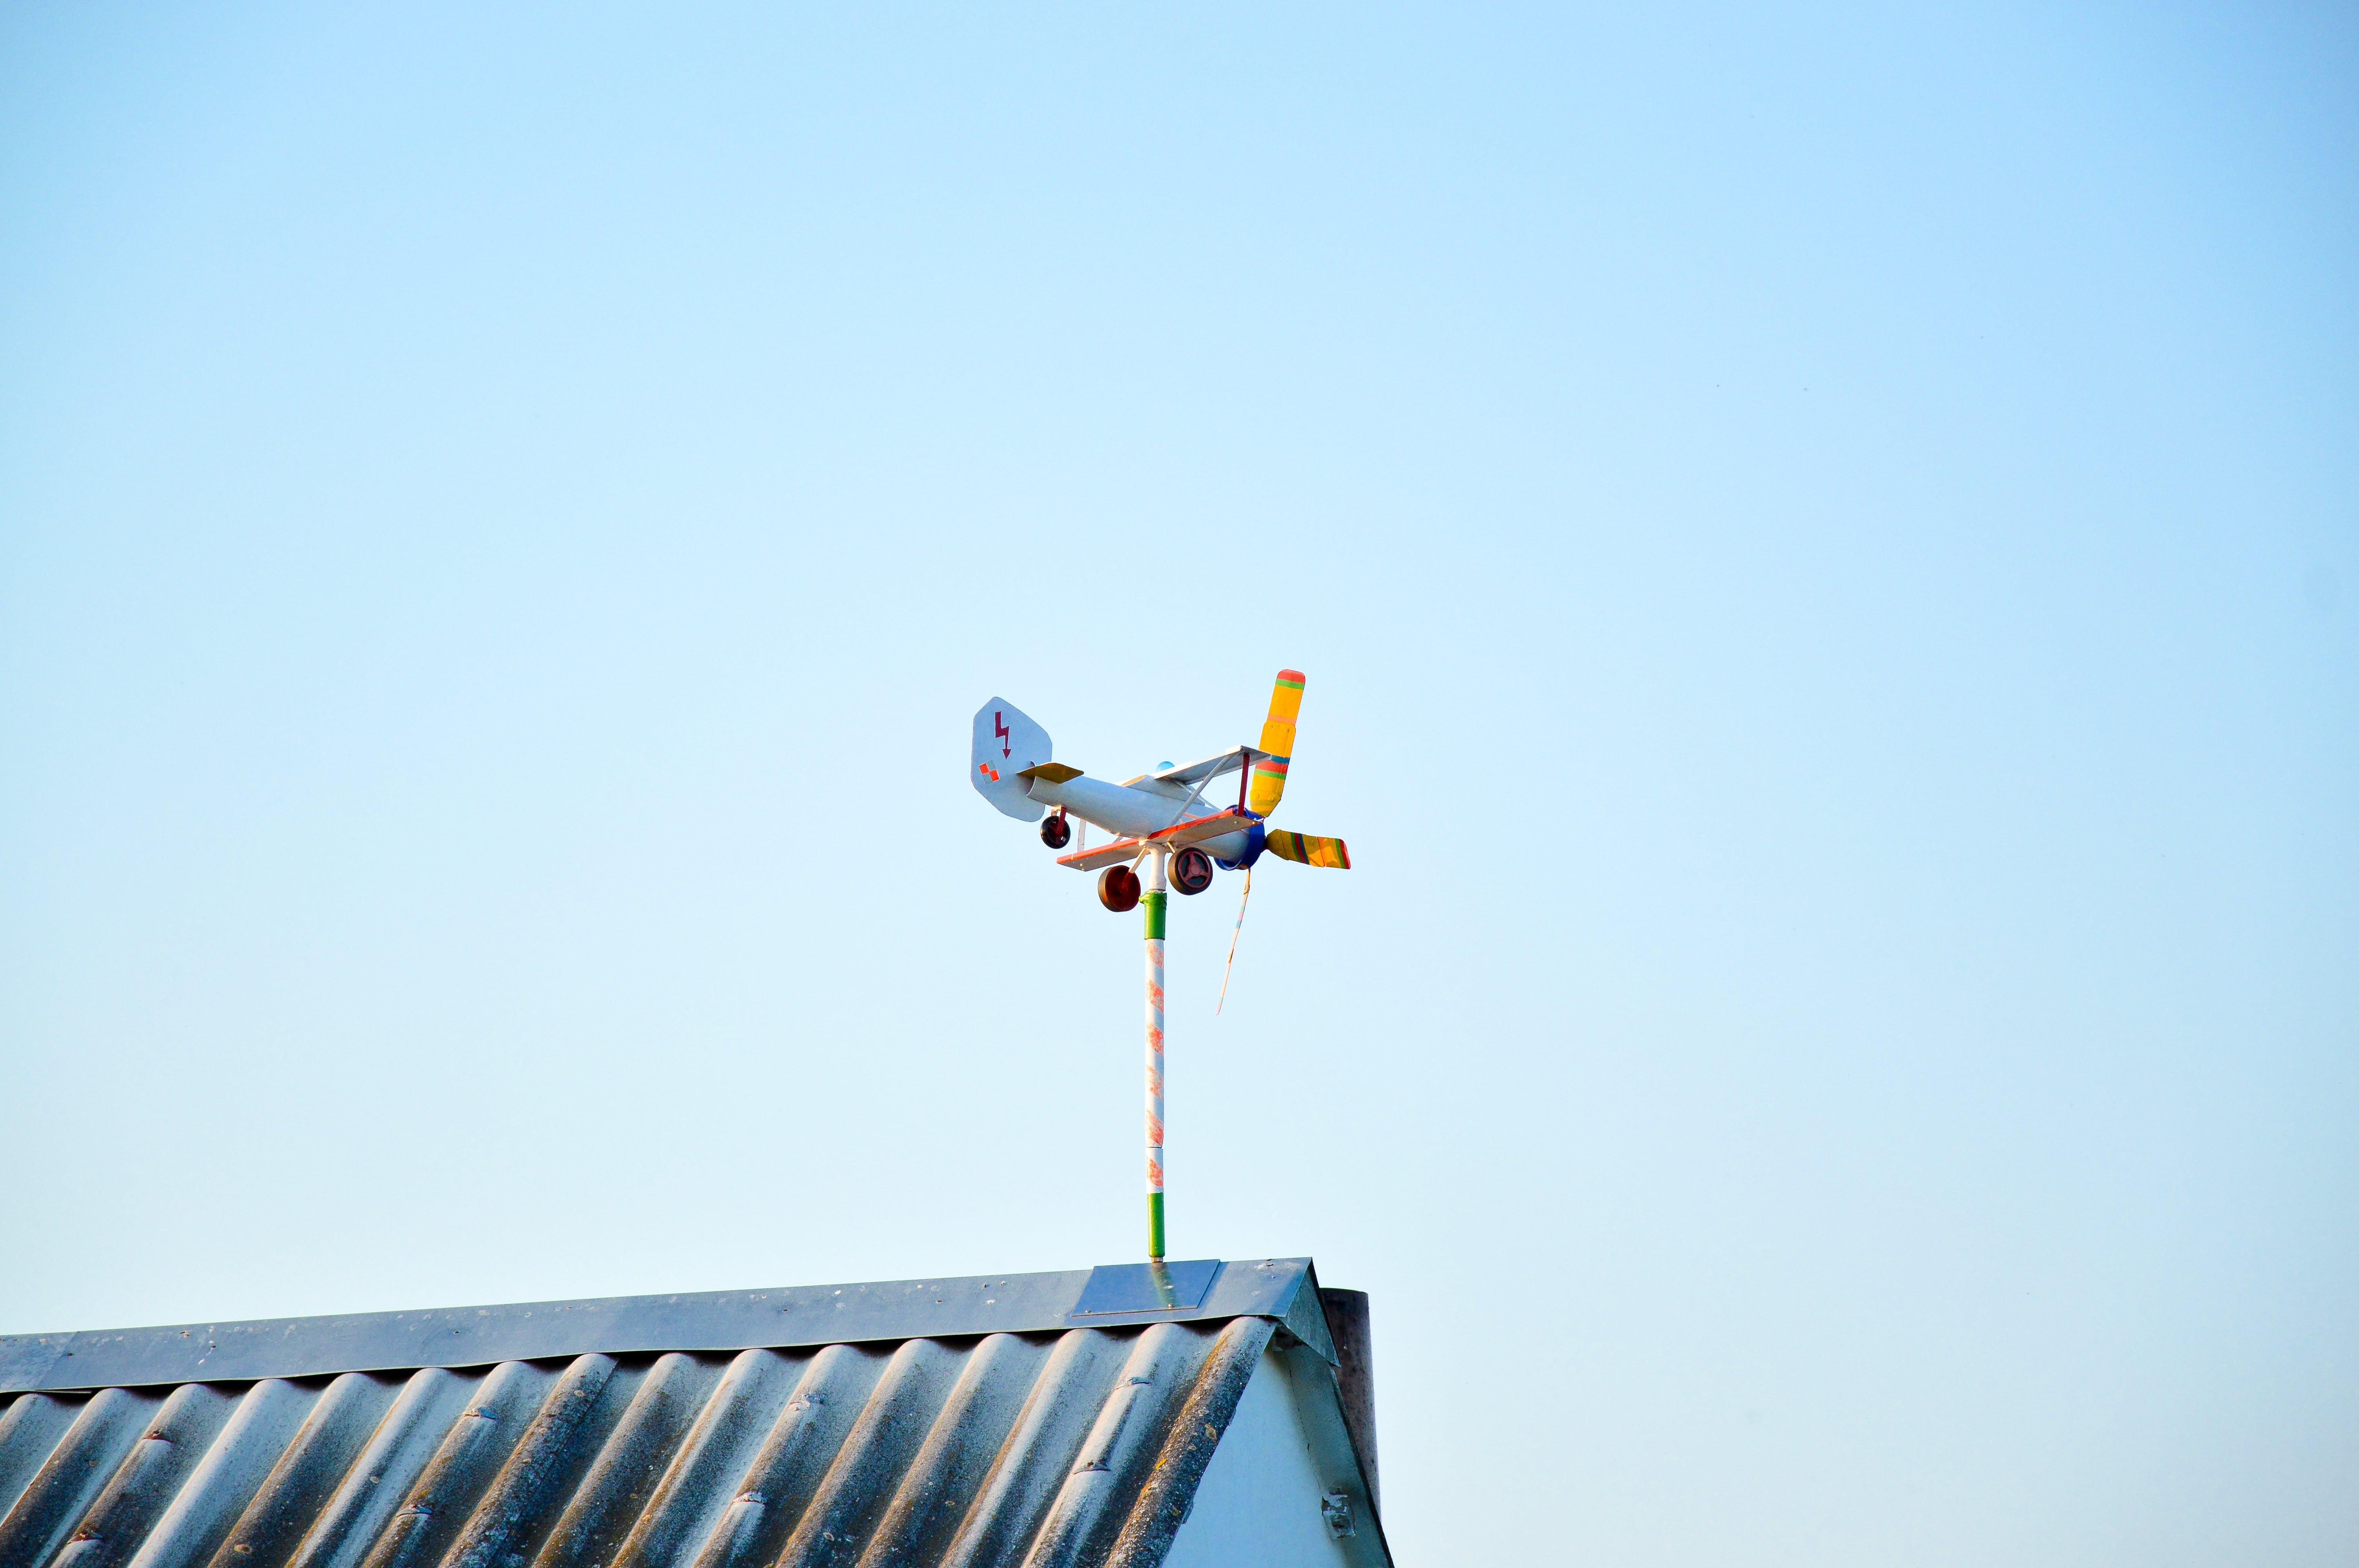 Kostenloses Stock Foto zu himmel, dach, richtung, flugzeug